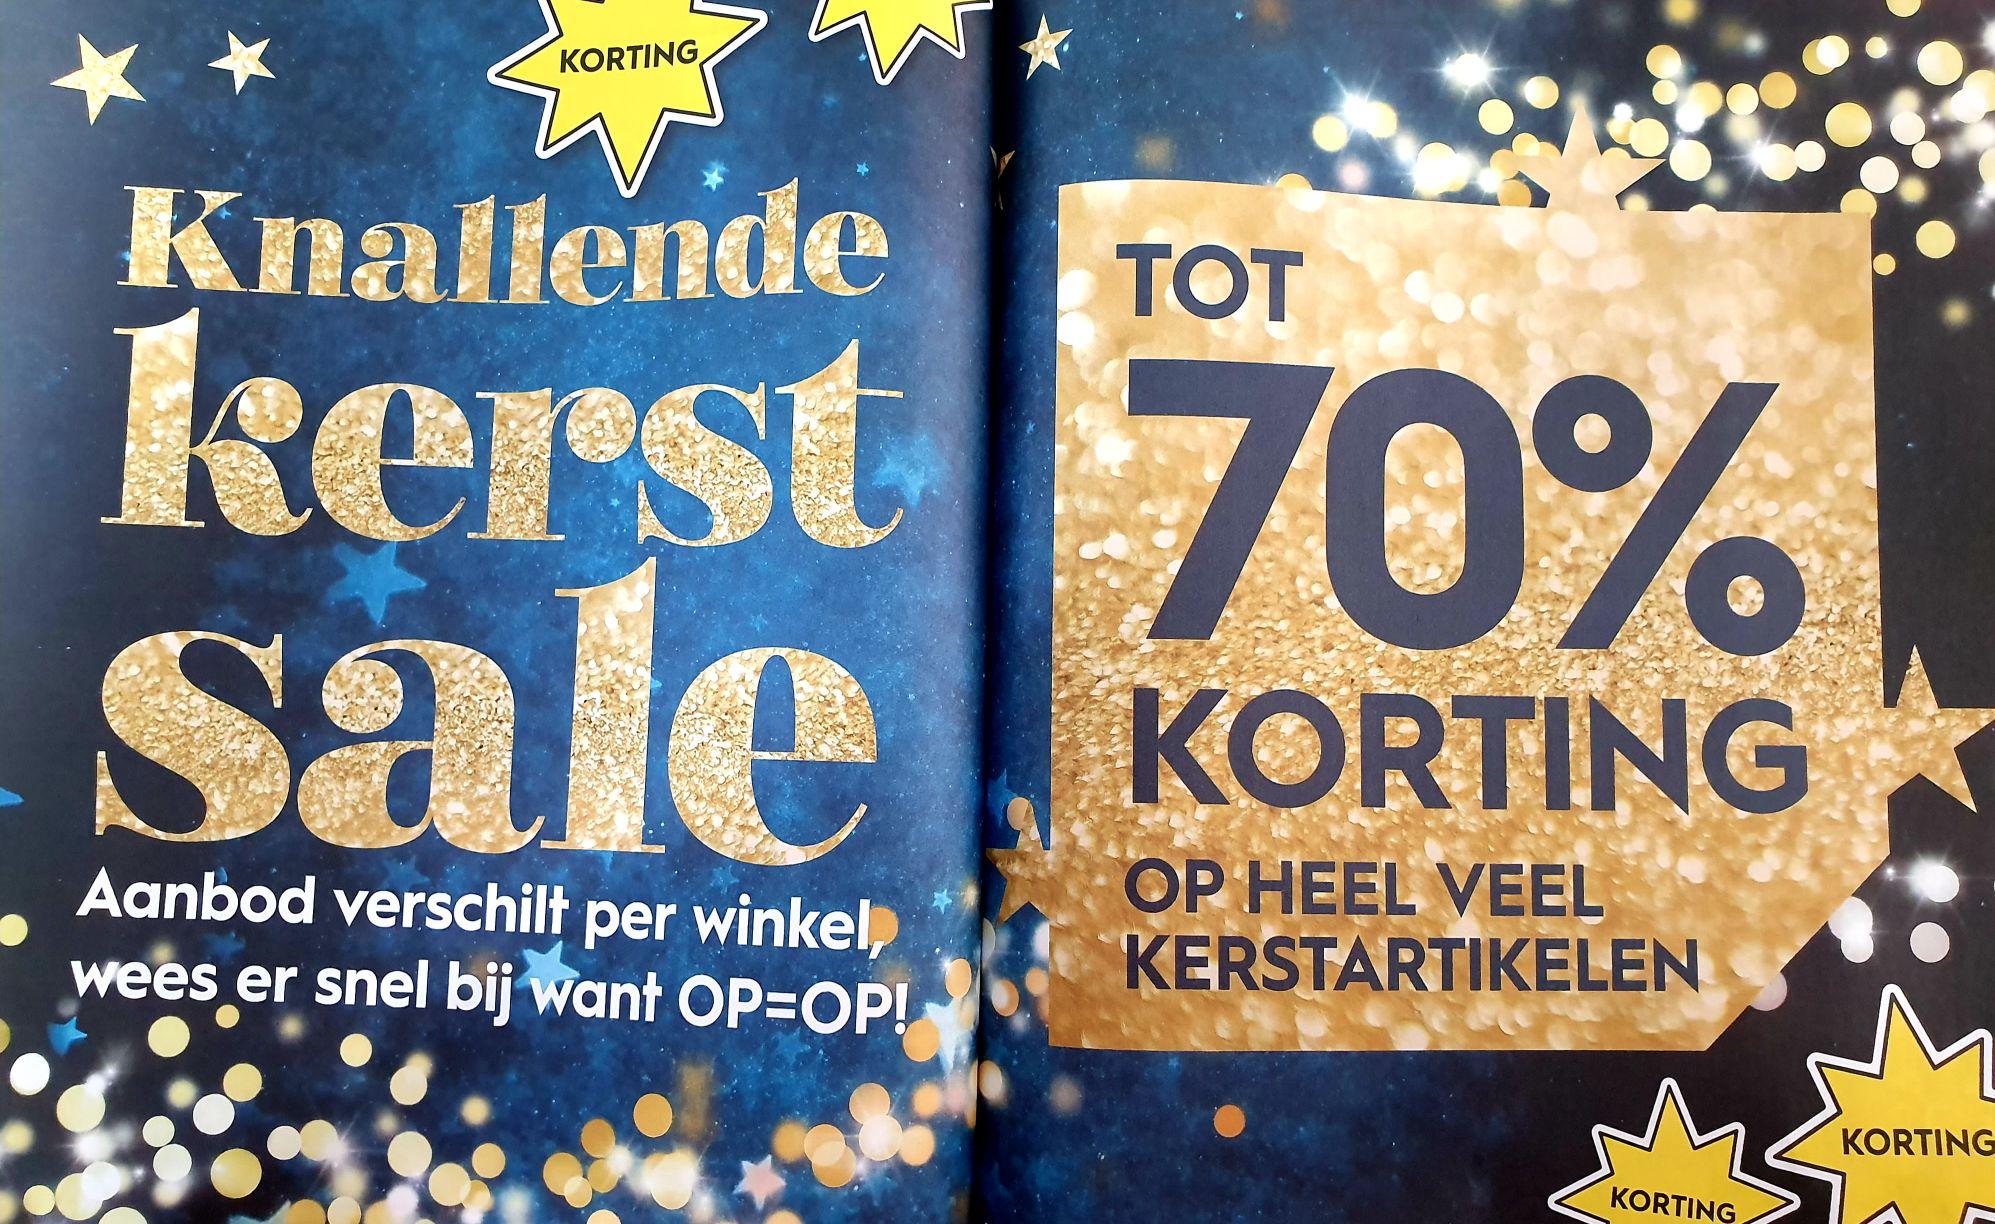 Kerst sale tot 70% korting bij Blokker